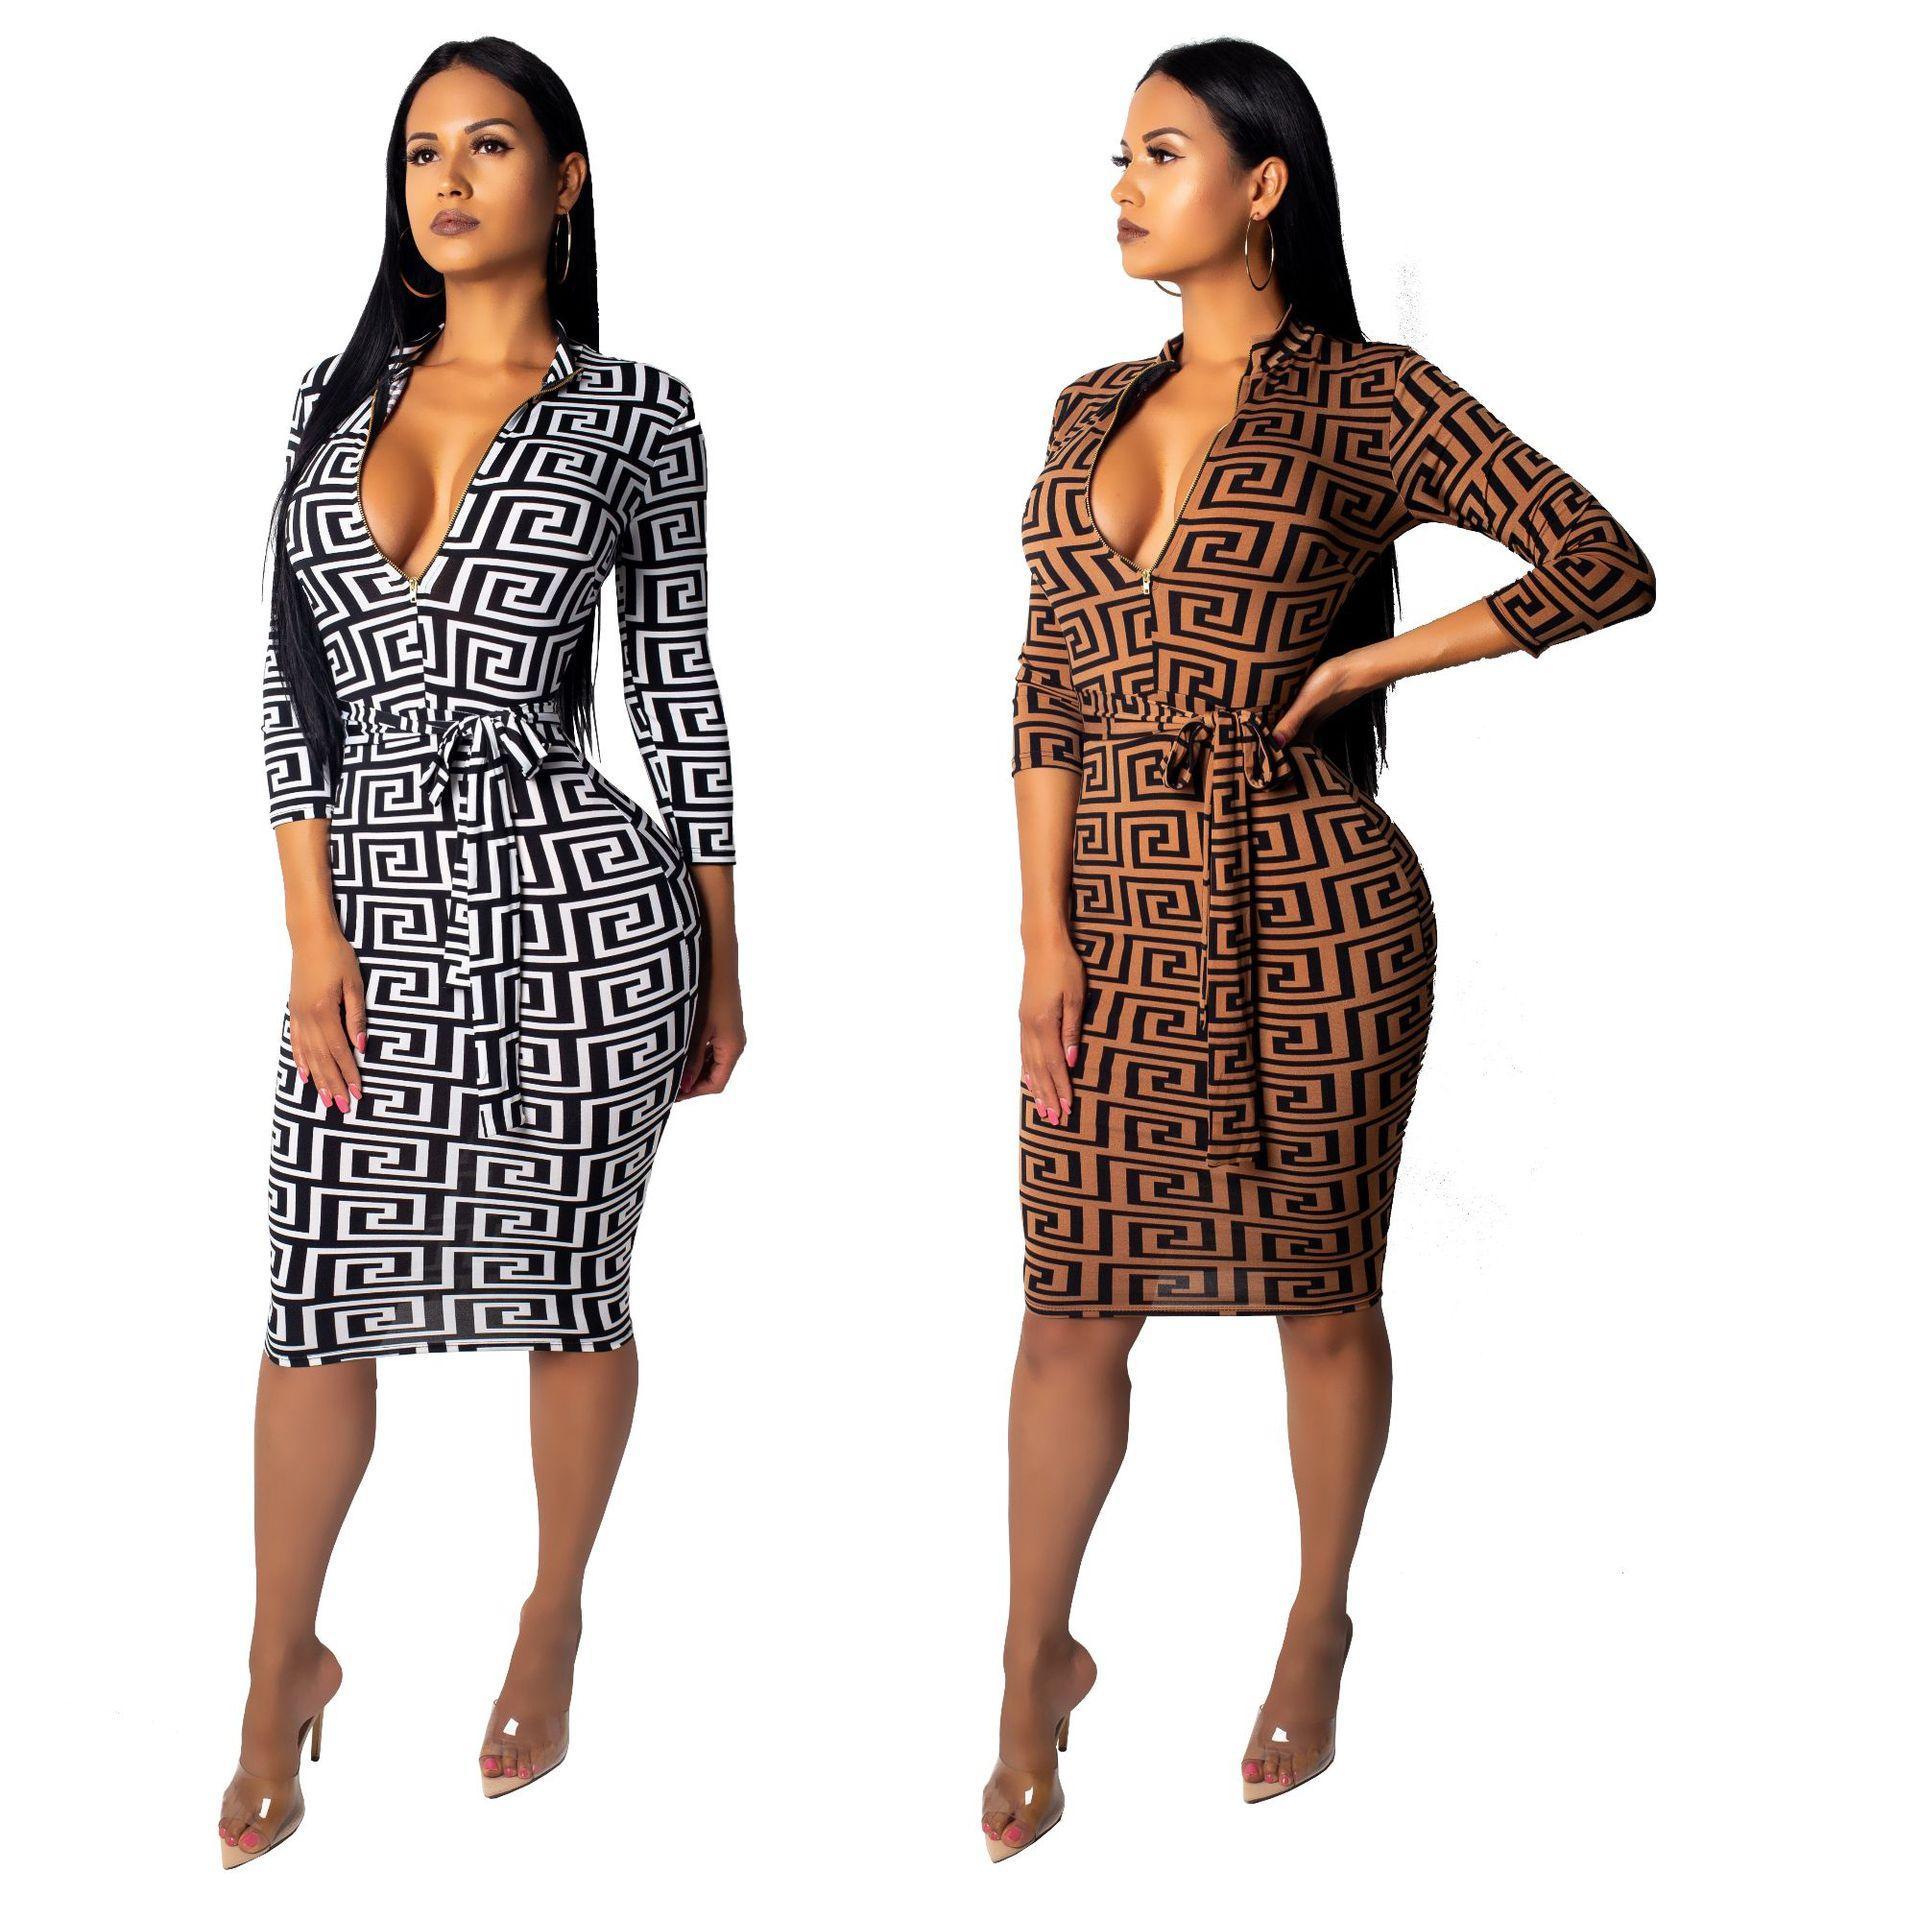 d6166744b Compre 2018 Mujeres Sexy Vestido Sexy En Blanco Y Negro Con Cuello En V  Mini Vestidos Bodycon Vendaje Club Dress Para Mujer Vestido De Fiesta Robe  A  16.25 ...